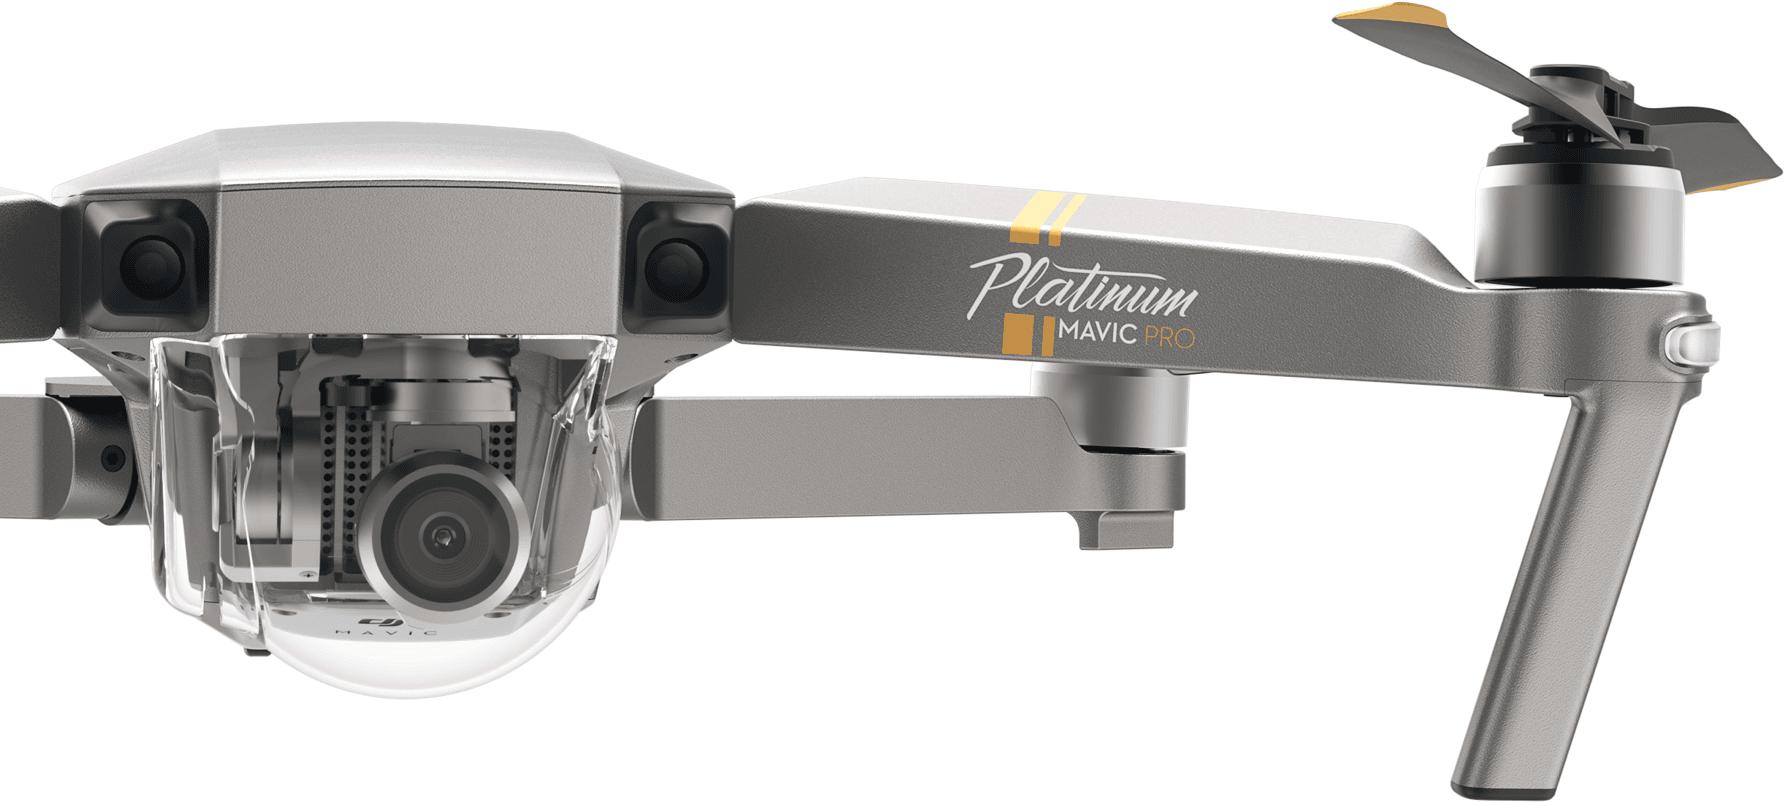 Stabiliseret 4K-kamera